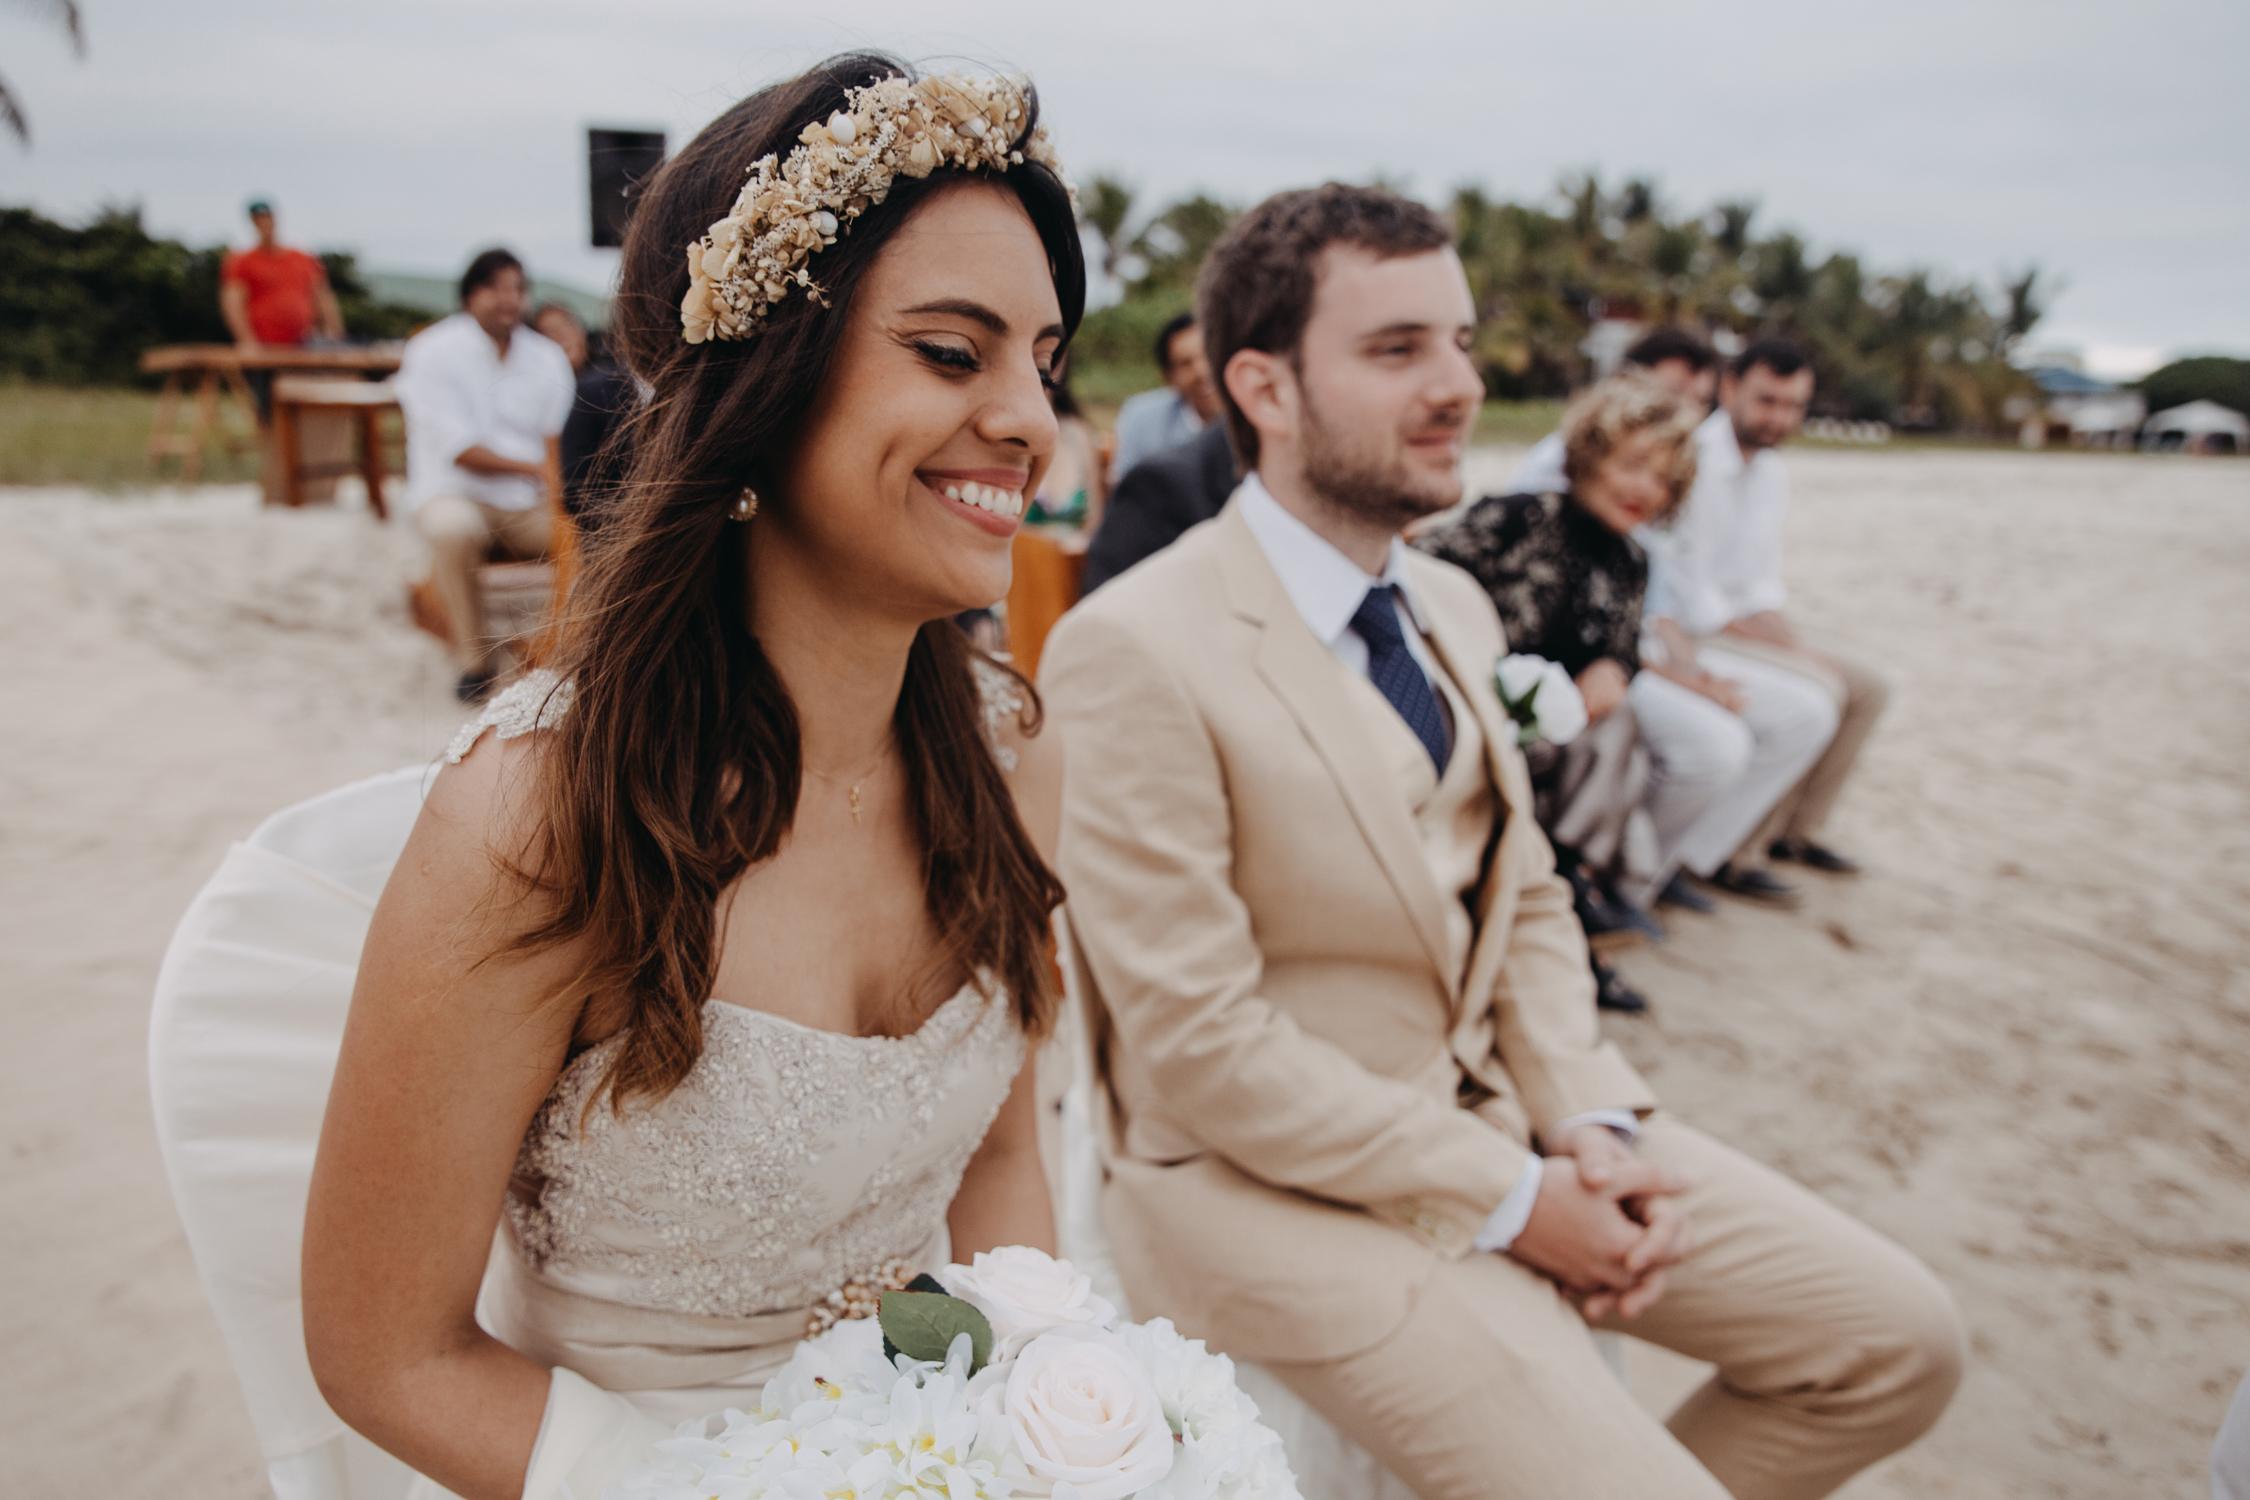 Michelle-Agurto-Fotografia-Bodas-Ecuador-Destination-Wedding-Photographer-Galapagos-Andrea-Joaquin-143.JPG